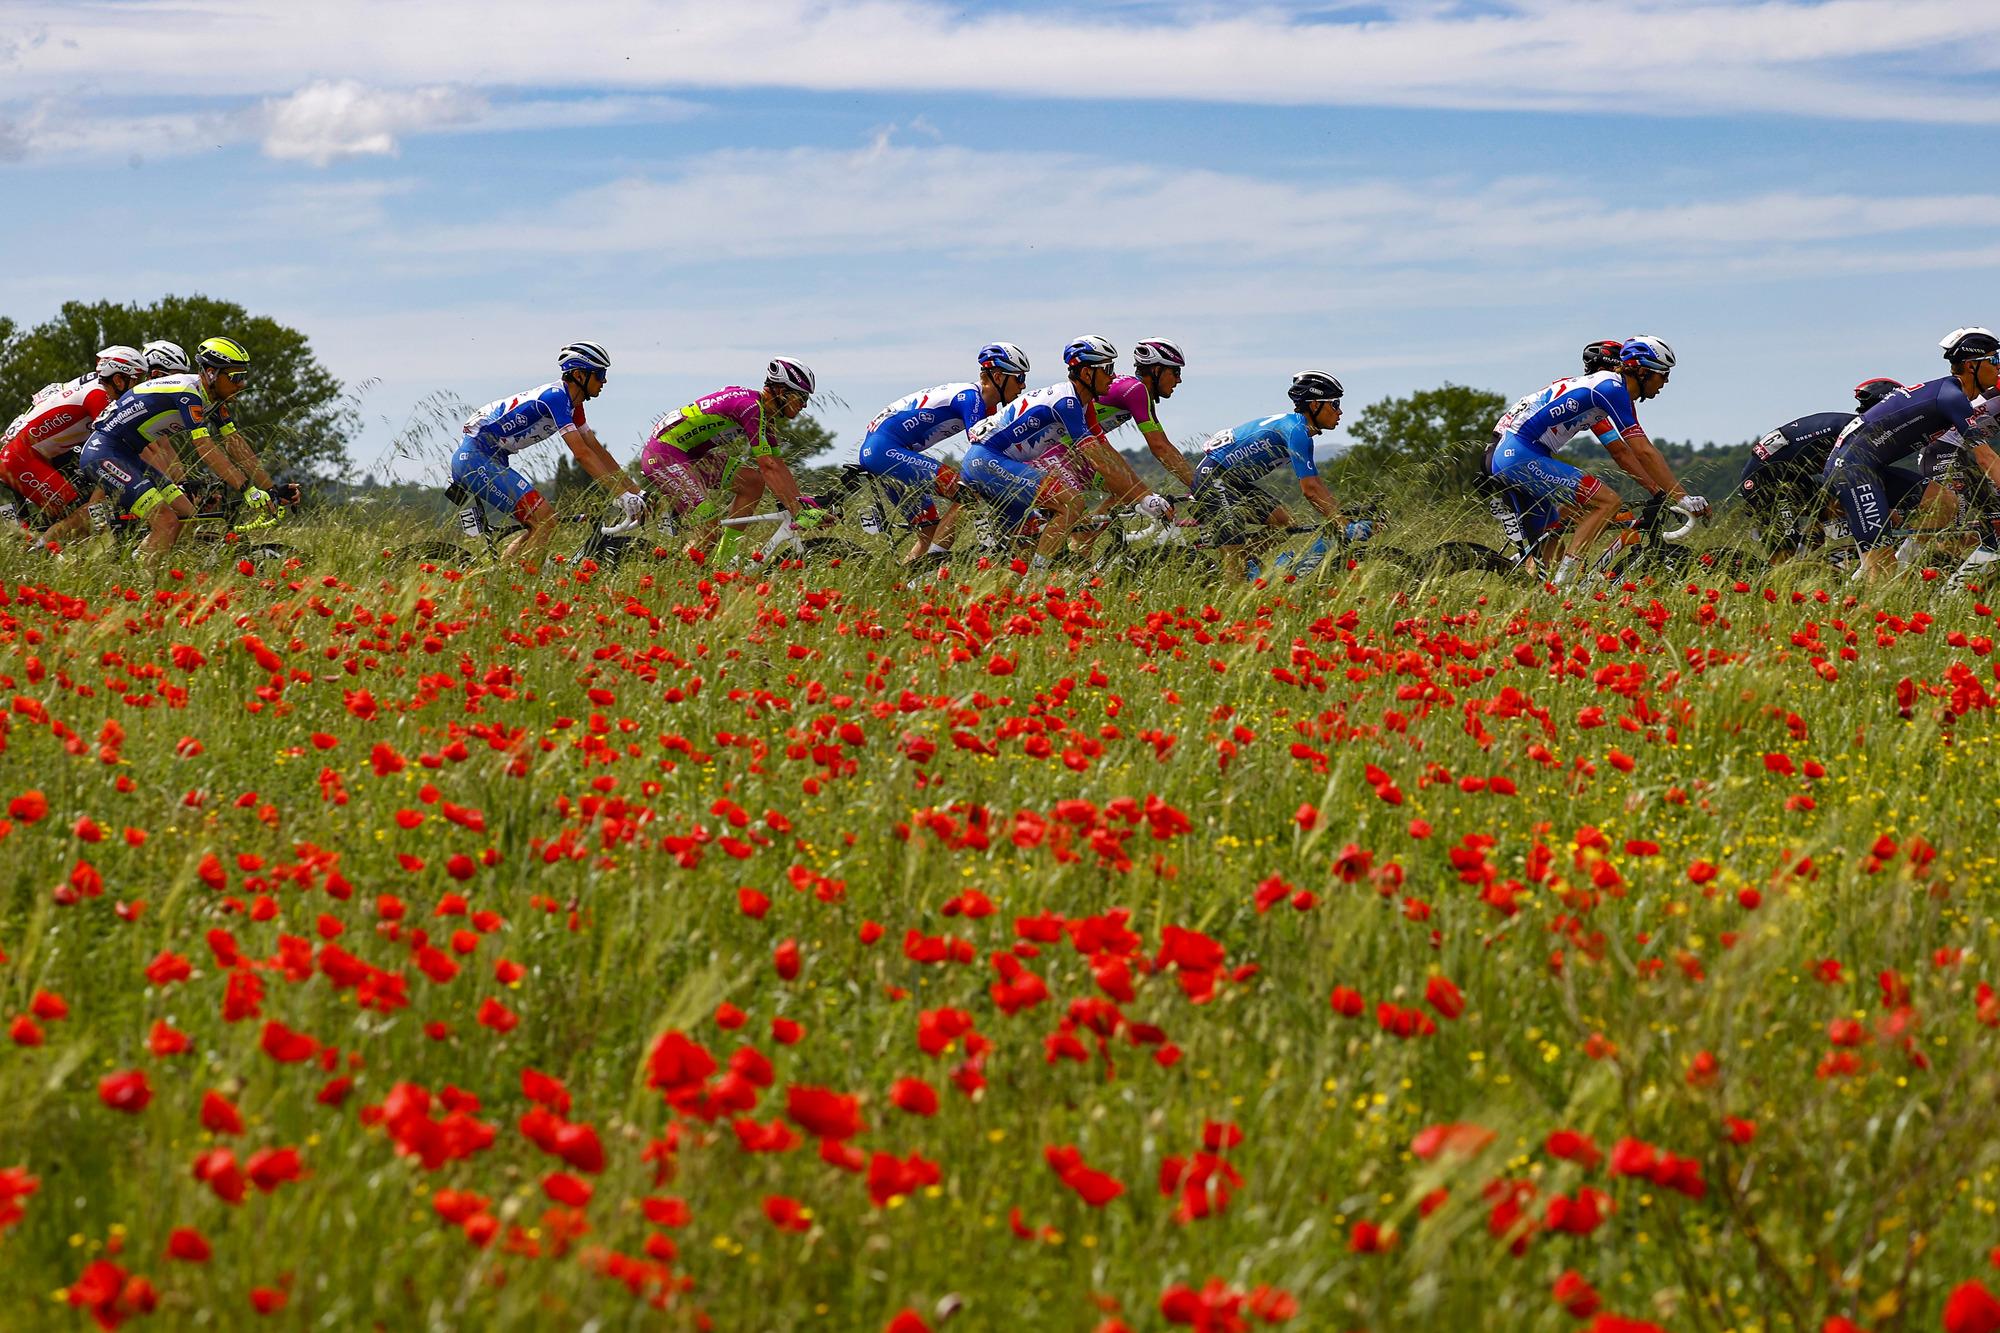 Giro d'Italia 2021 - 104th Edition - 10th stage L'Aquila - Foligno 130 km - 17/05/2021 - Scenery - photo Luca Bettini/BettiniPhoto©2021